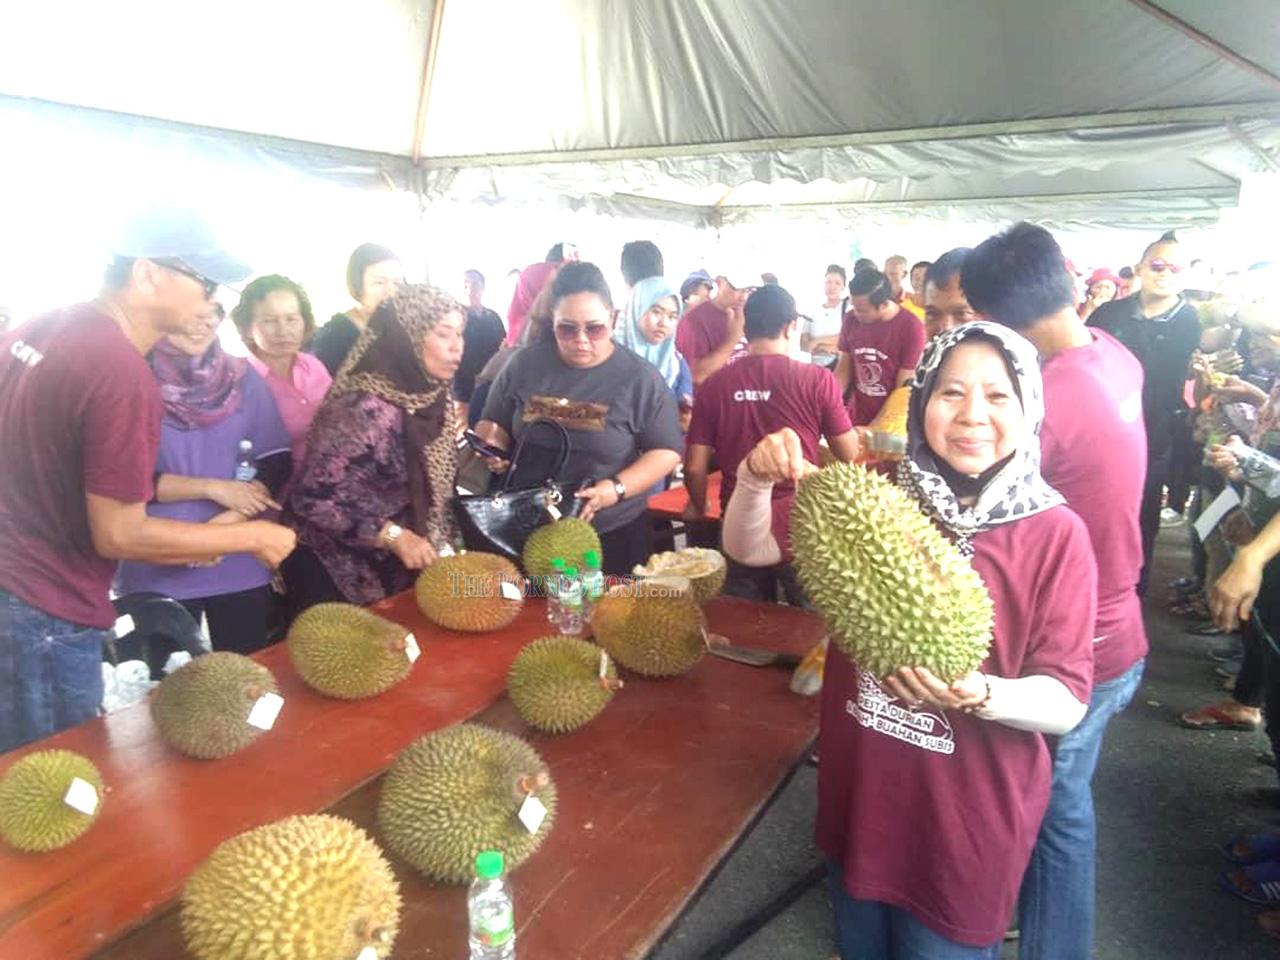 '10,000 Musang King seedlings distributed to villages in Bekenu'